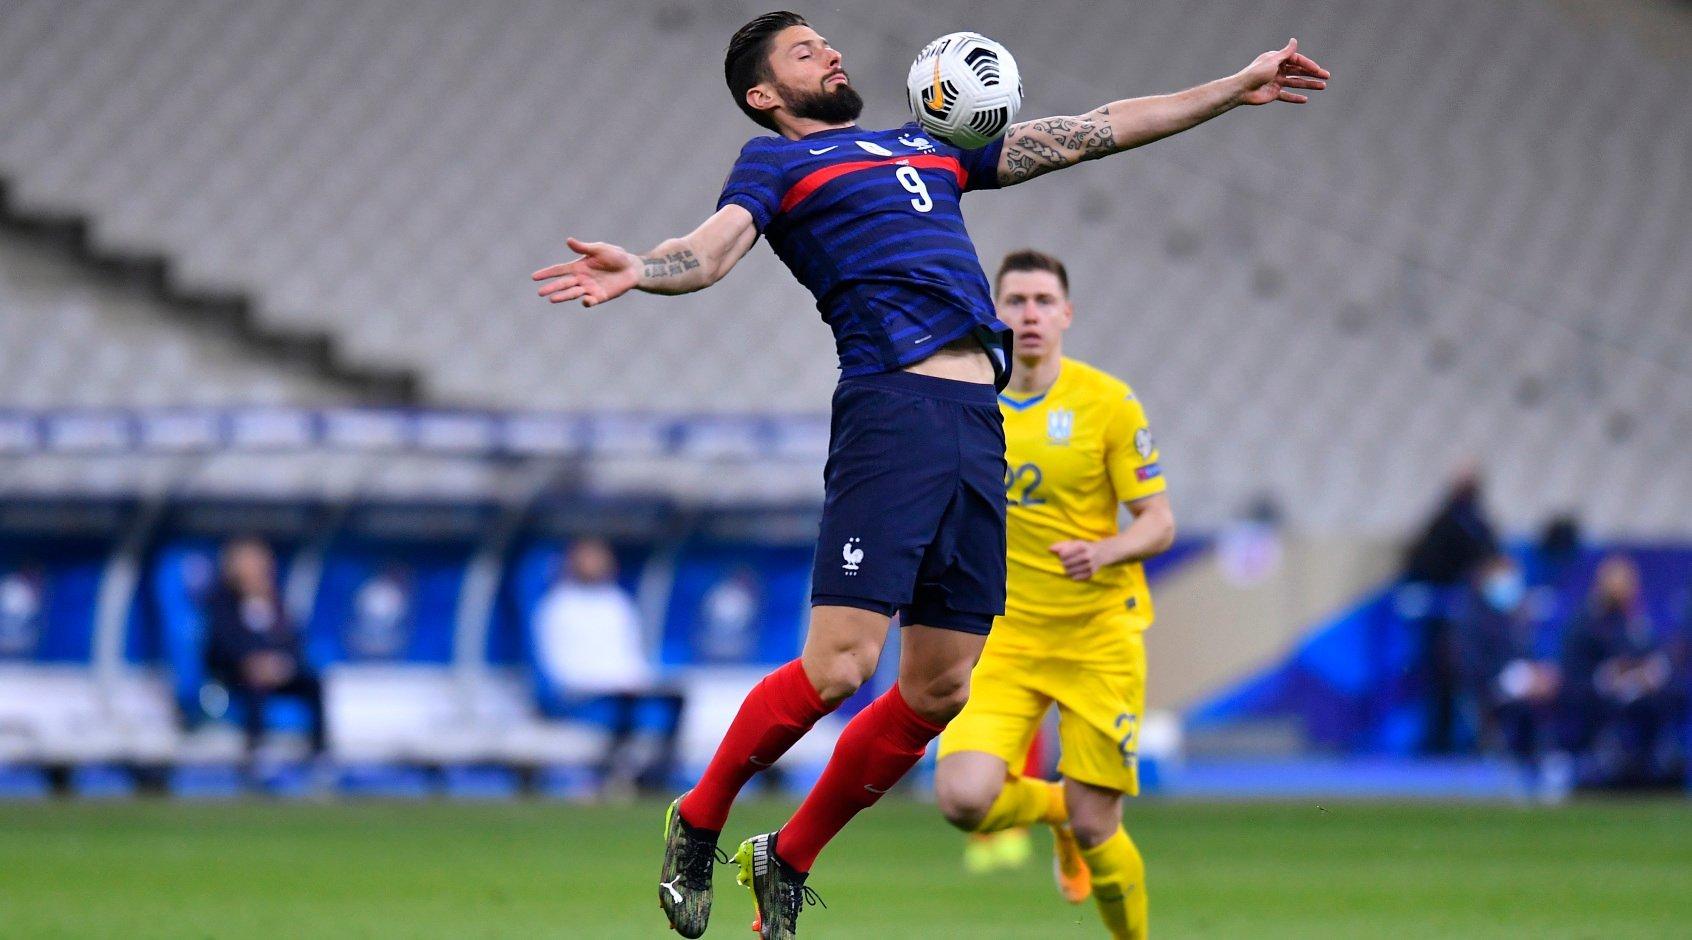 Франция - Украина в цифрах WyScout: сюрприз Шевченко, плотная оборона и голы в стиле FIFA 21 - изображение 8